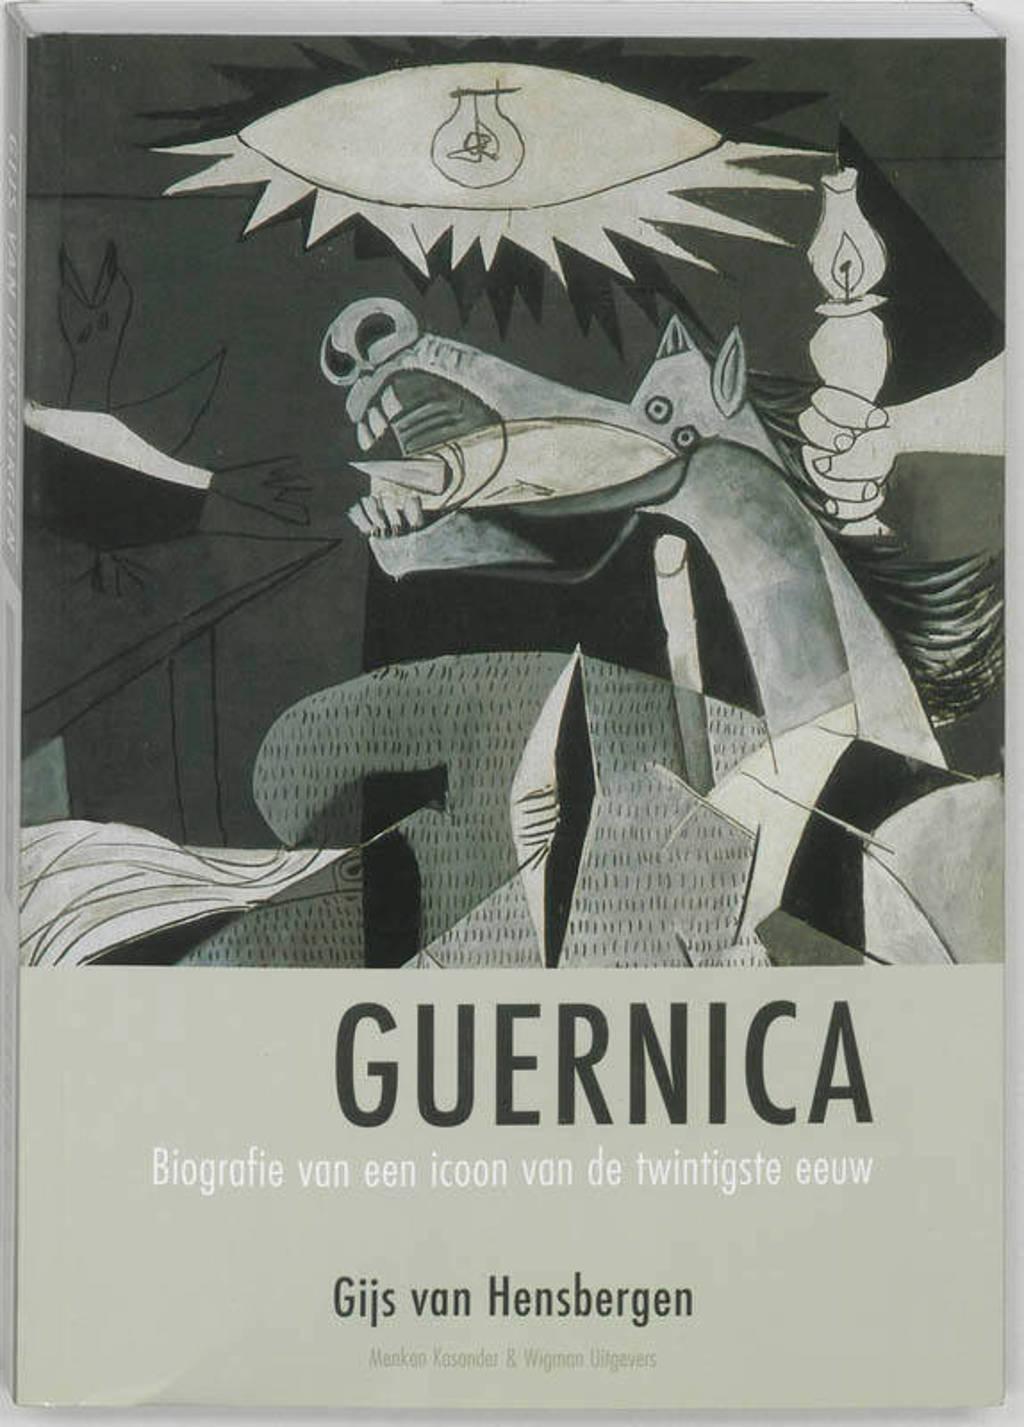 Guernica - Gijs van Hensbergen